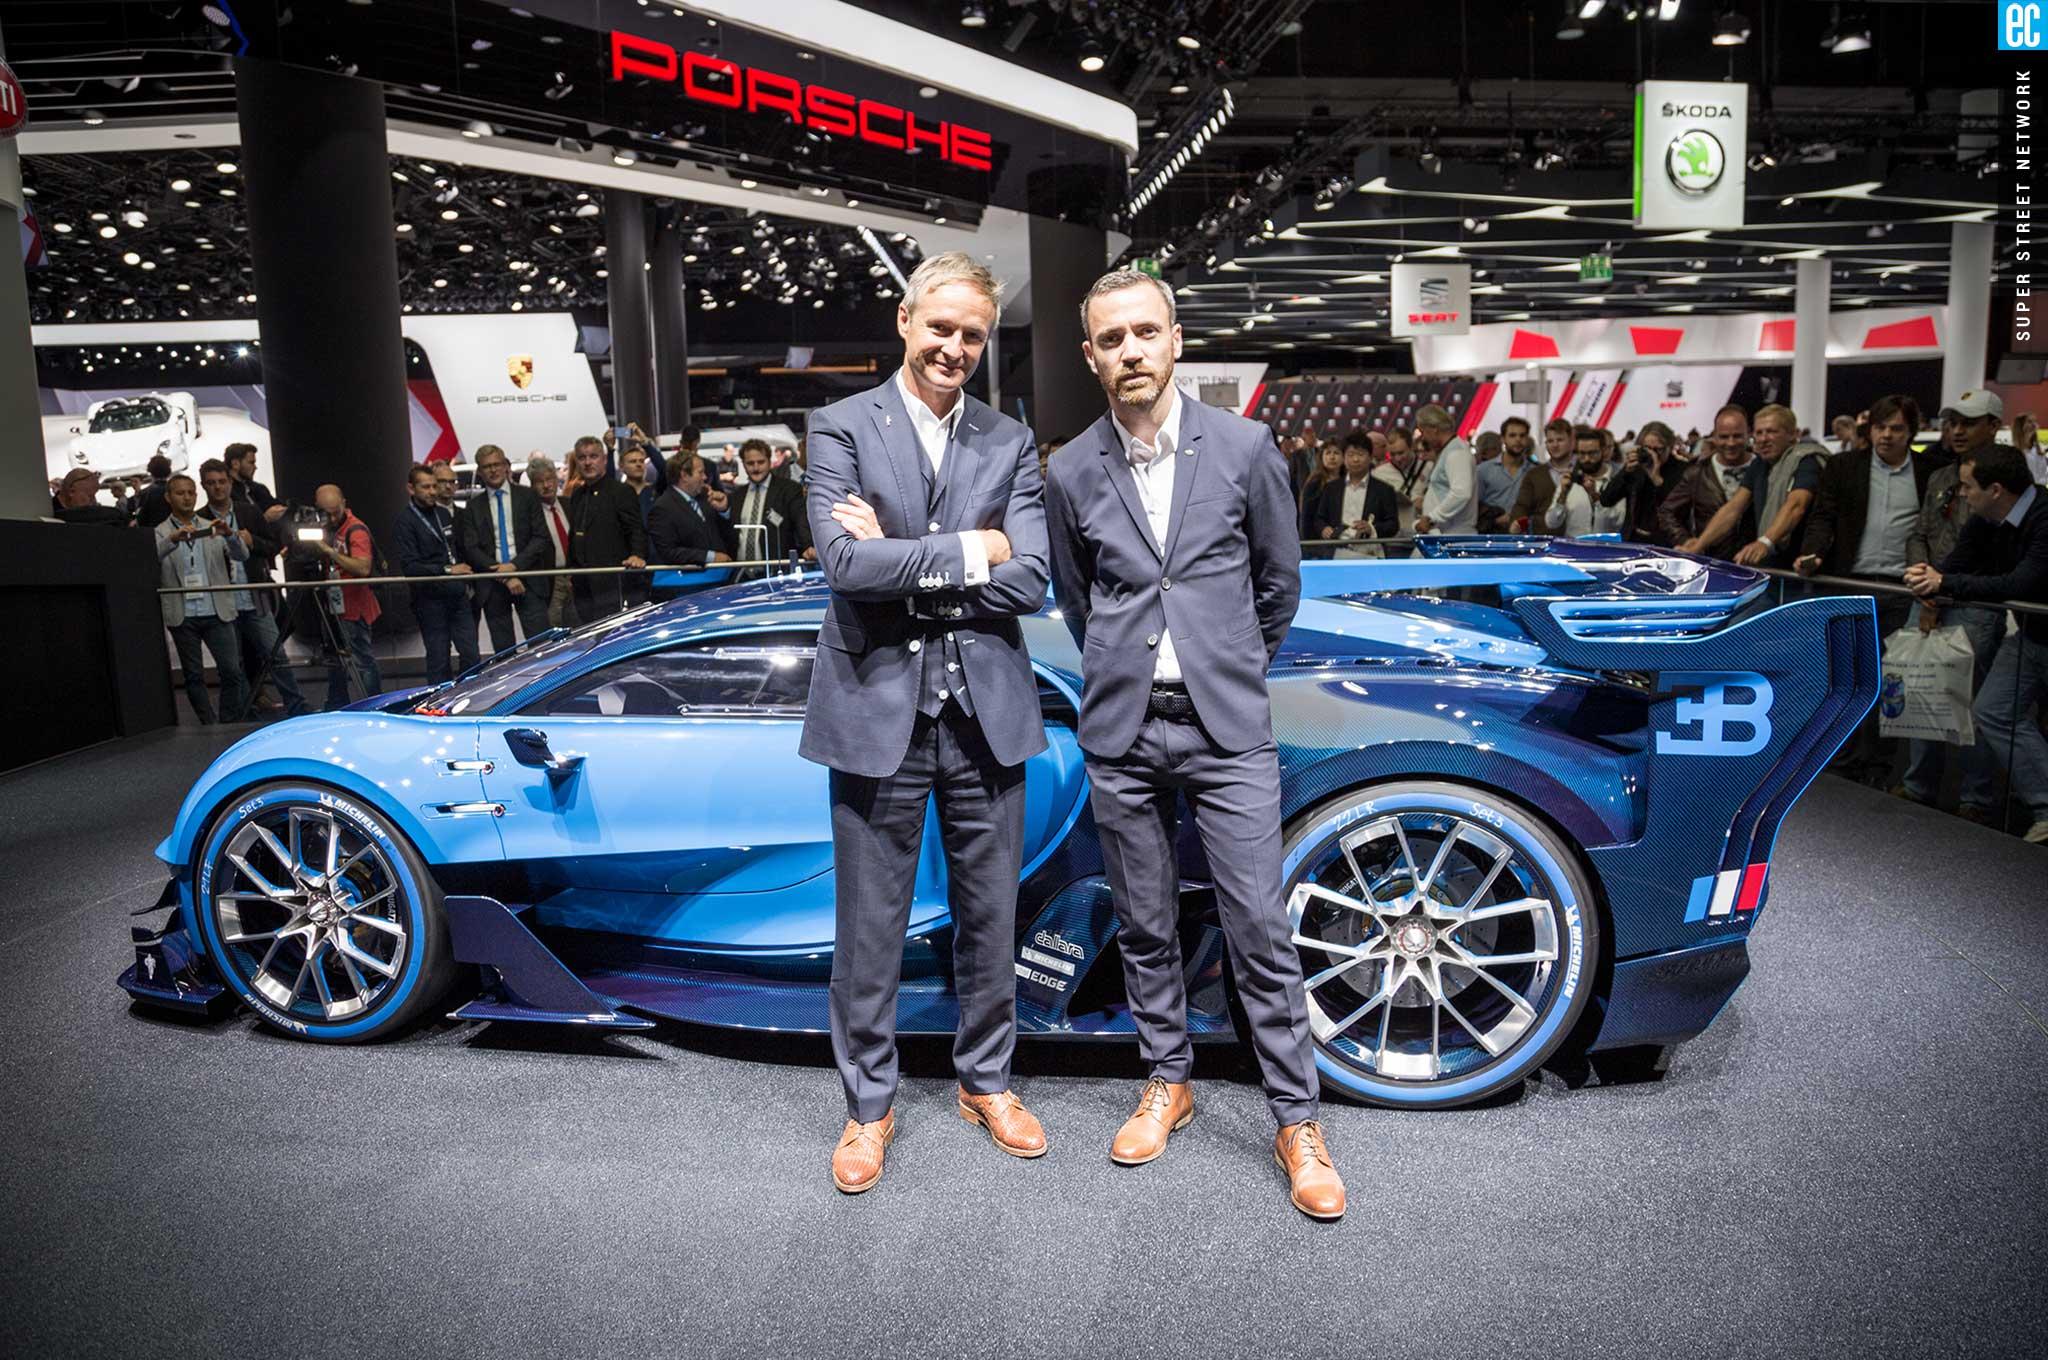 2016 Bugatti Vision Gran Turismo Concept Car